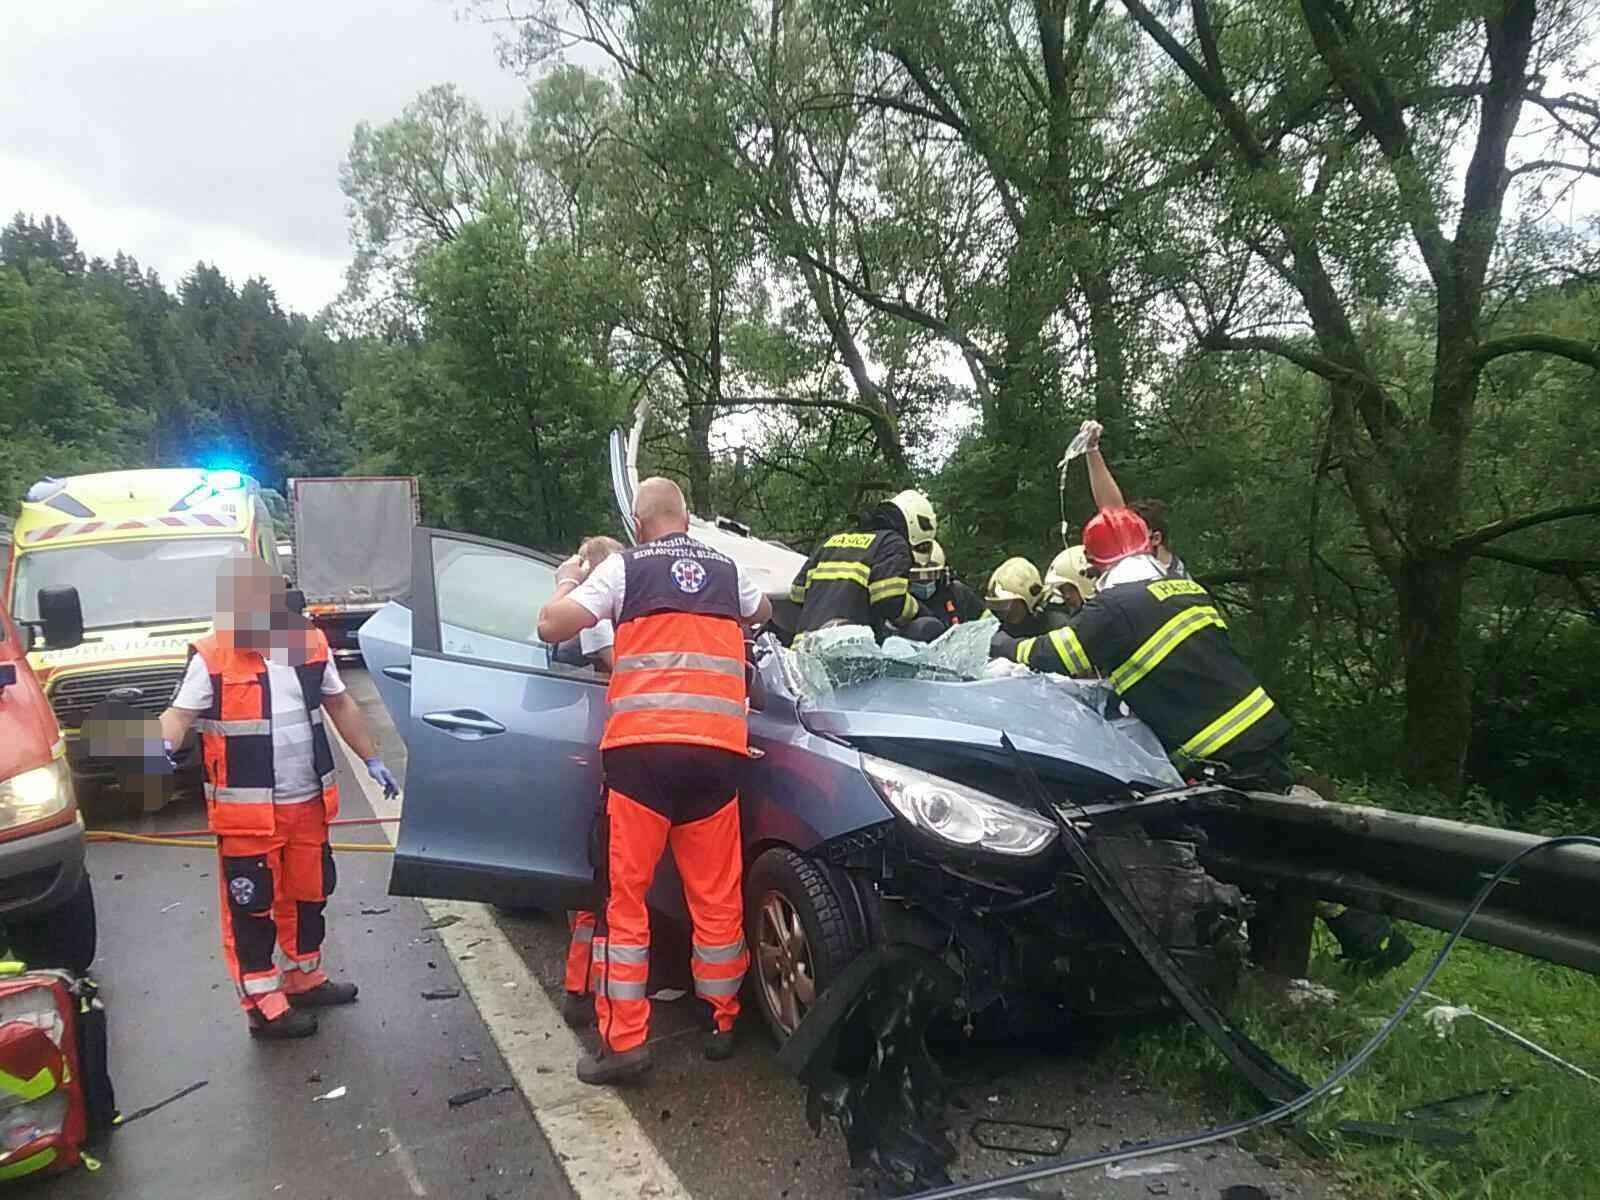 dopravna-nehoda-kysucky-lieskovec-2020-2.jpg